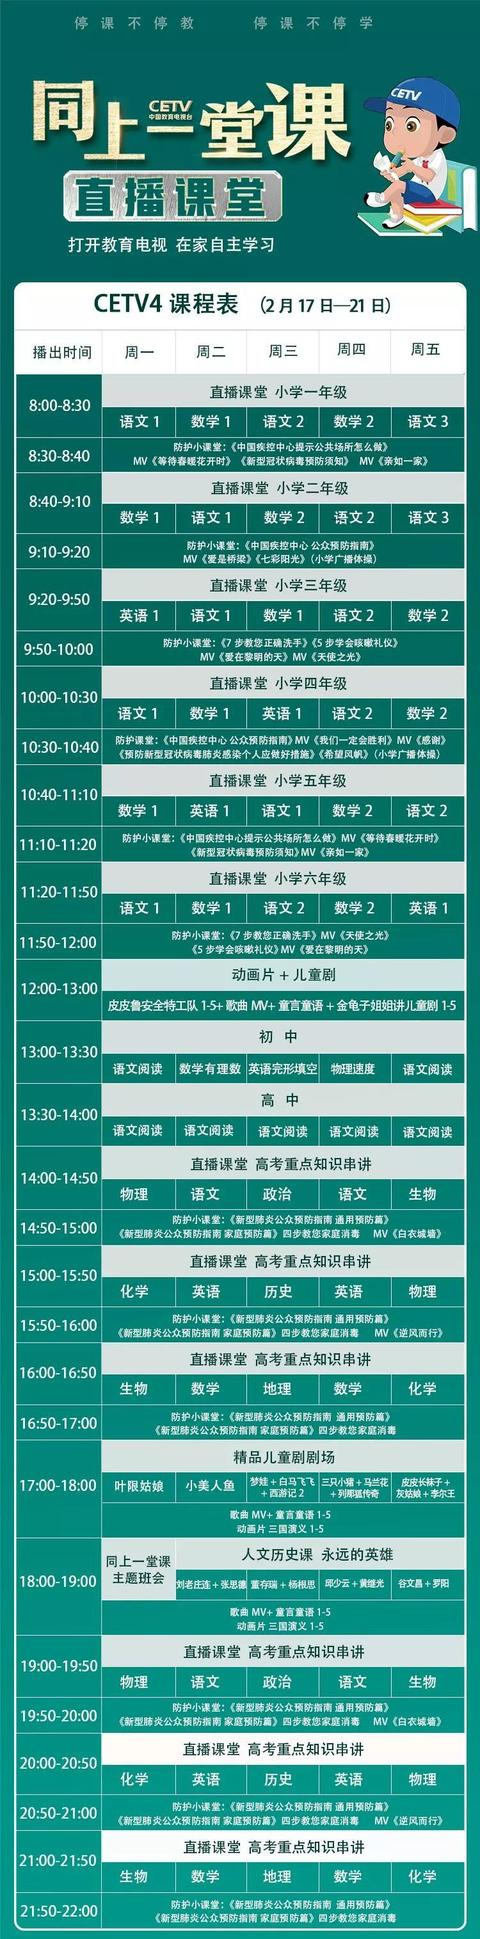 CETV4中国教育电视台空中课堂课程表 直播地址具体课程内容